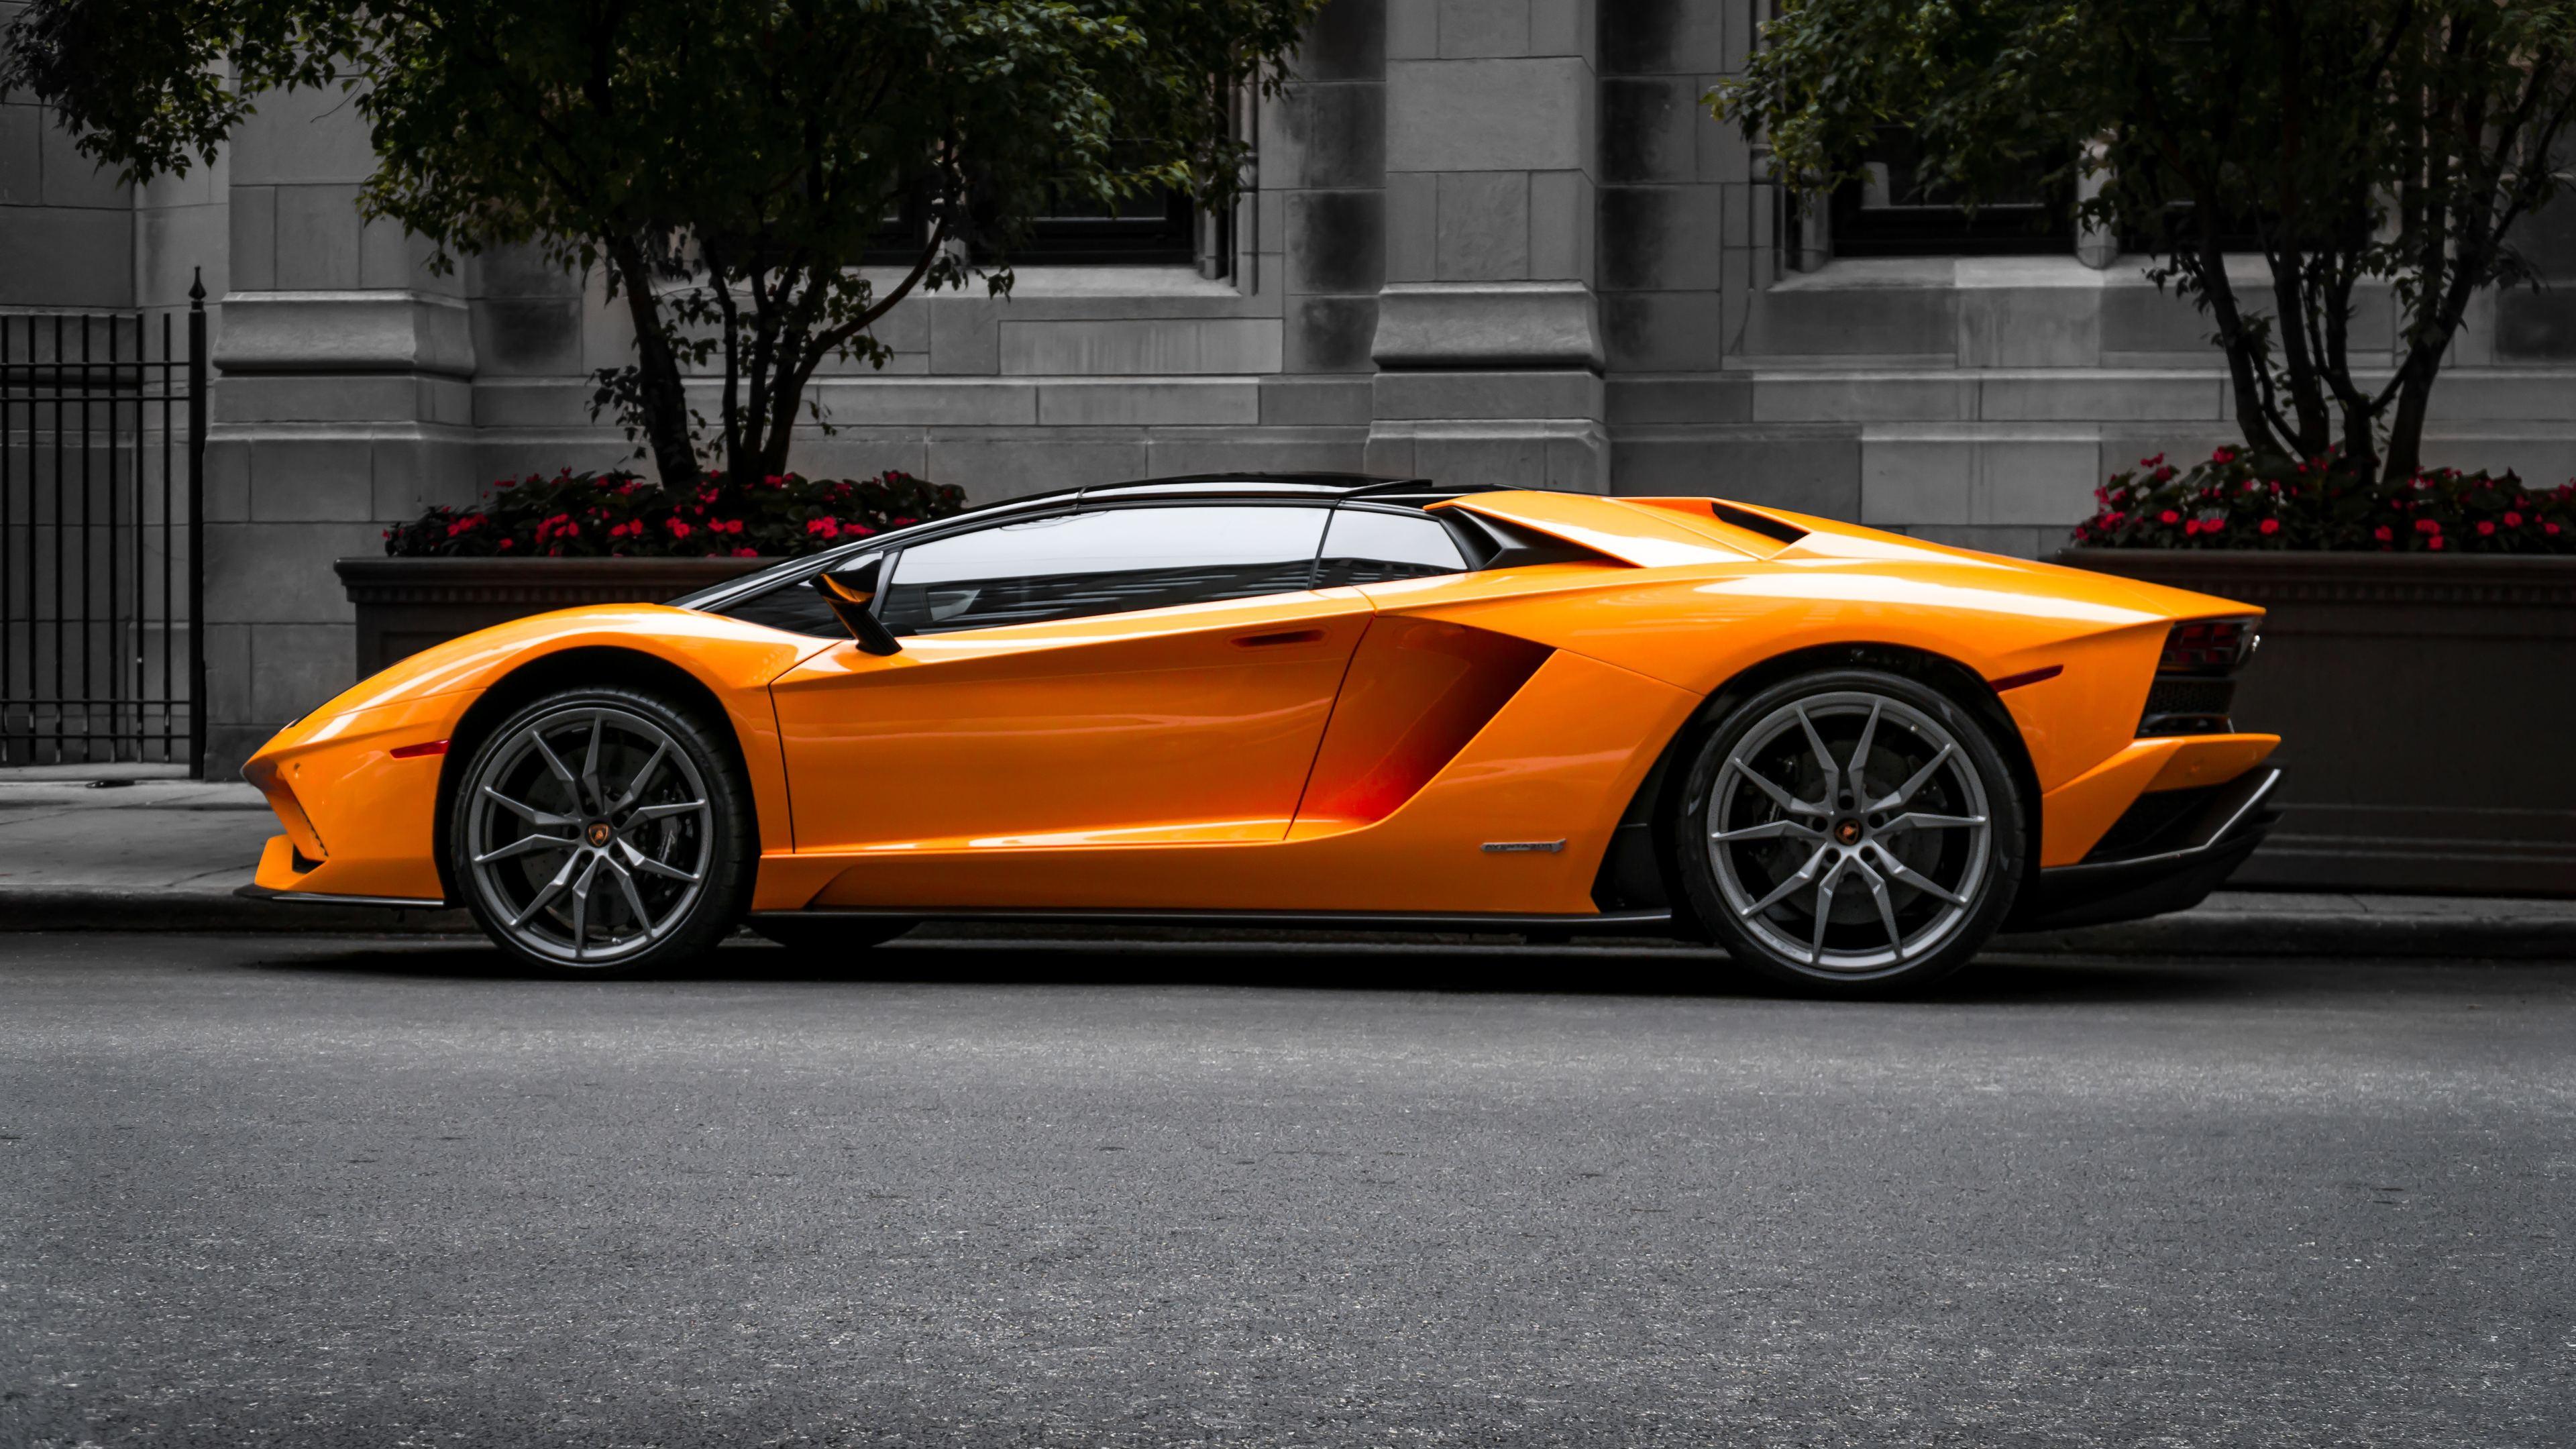 2048x2048 2018 Lamborghini Aventador Svj 4k Ipad Air Hd 4k: Orange Lambo Aventador 5k Lamborghini Wallpapers